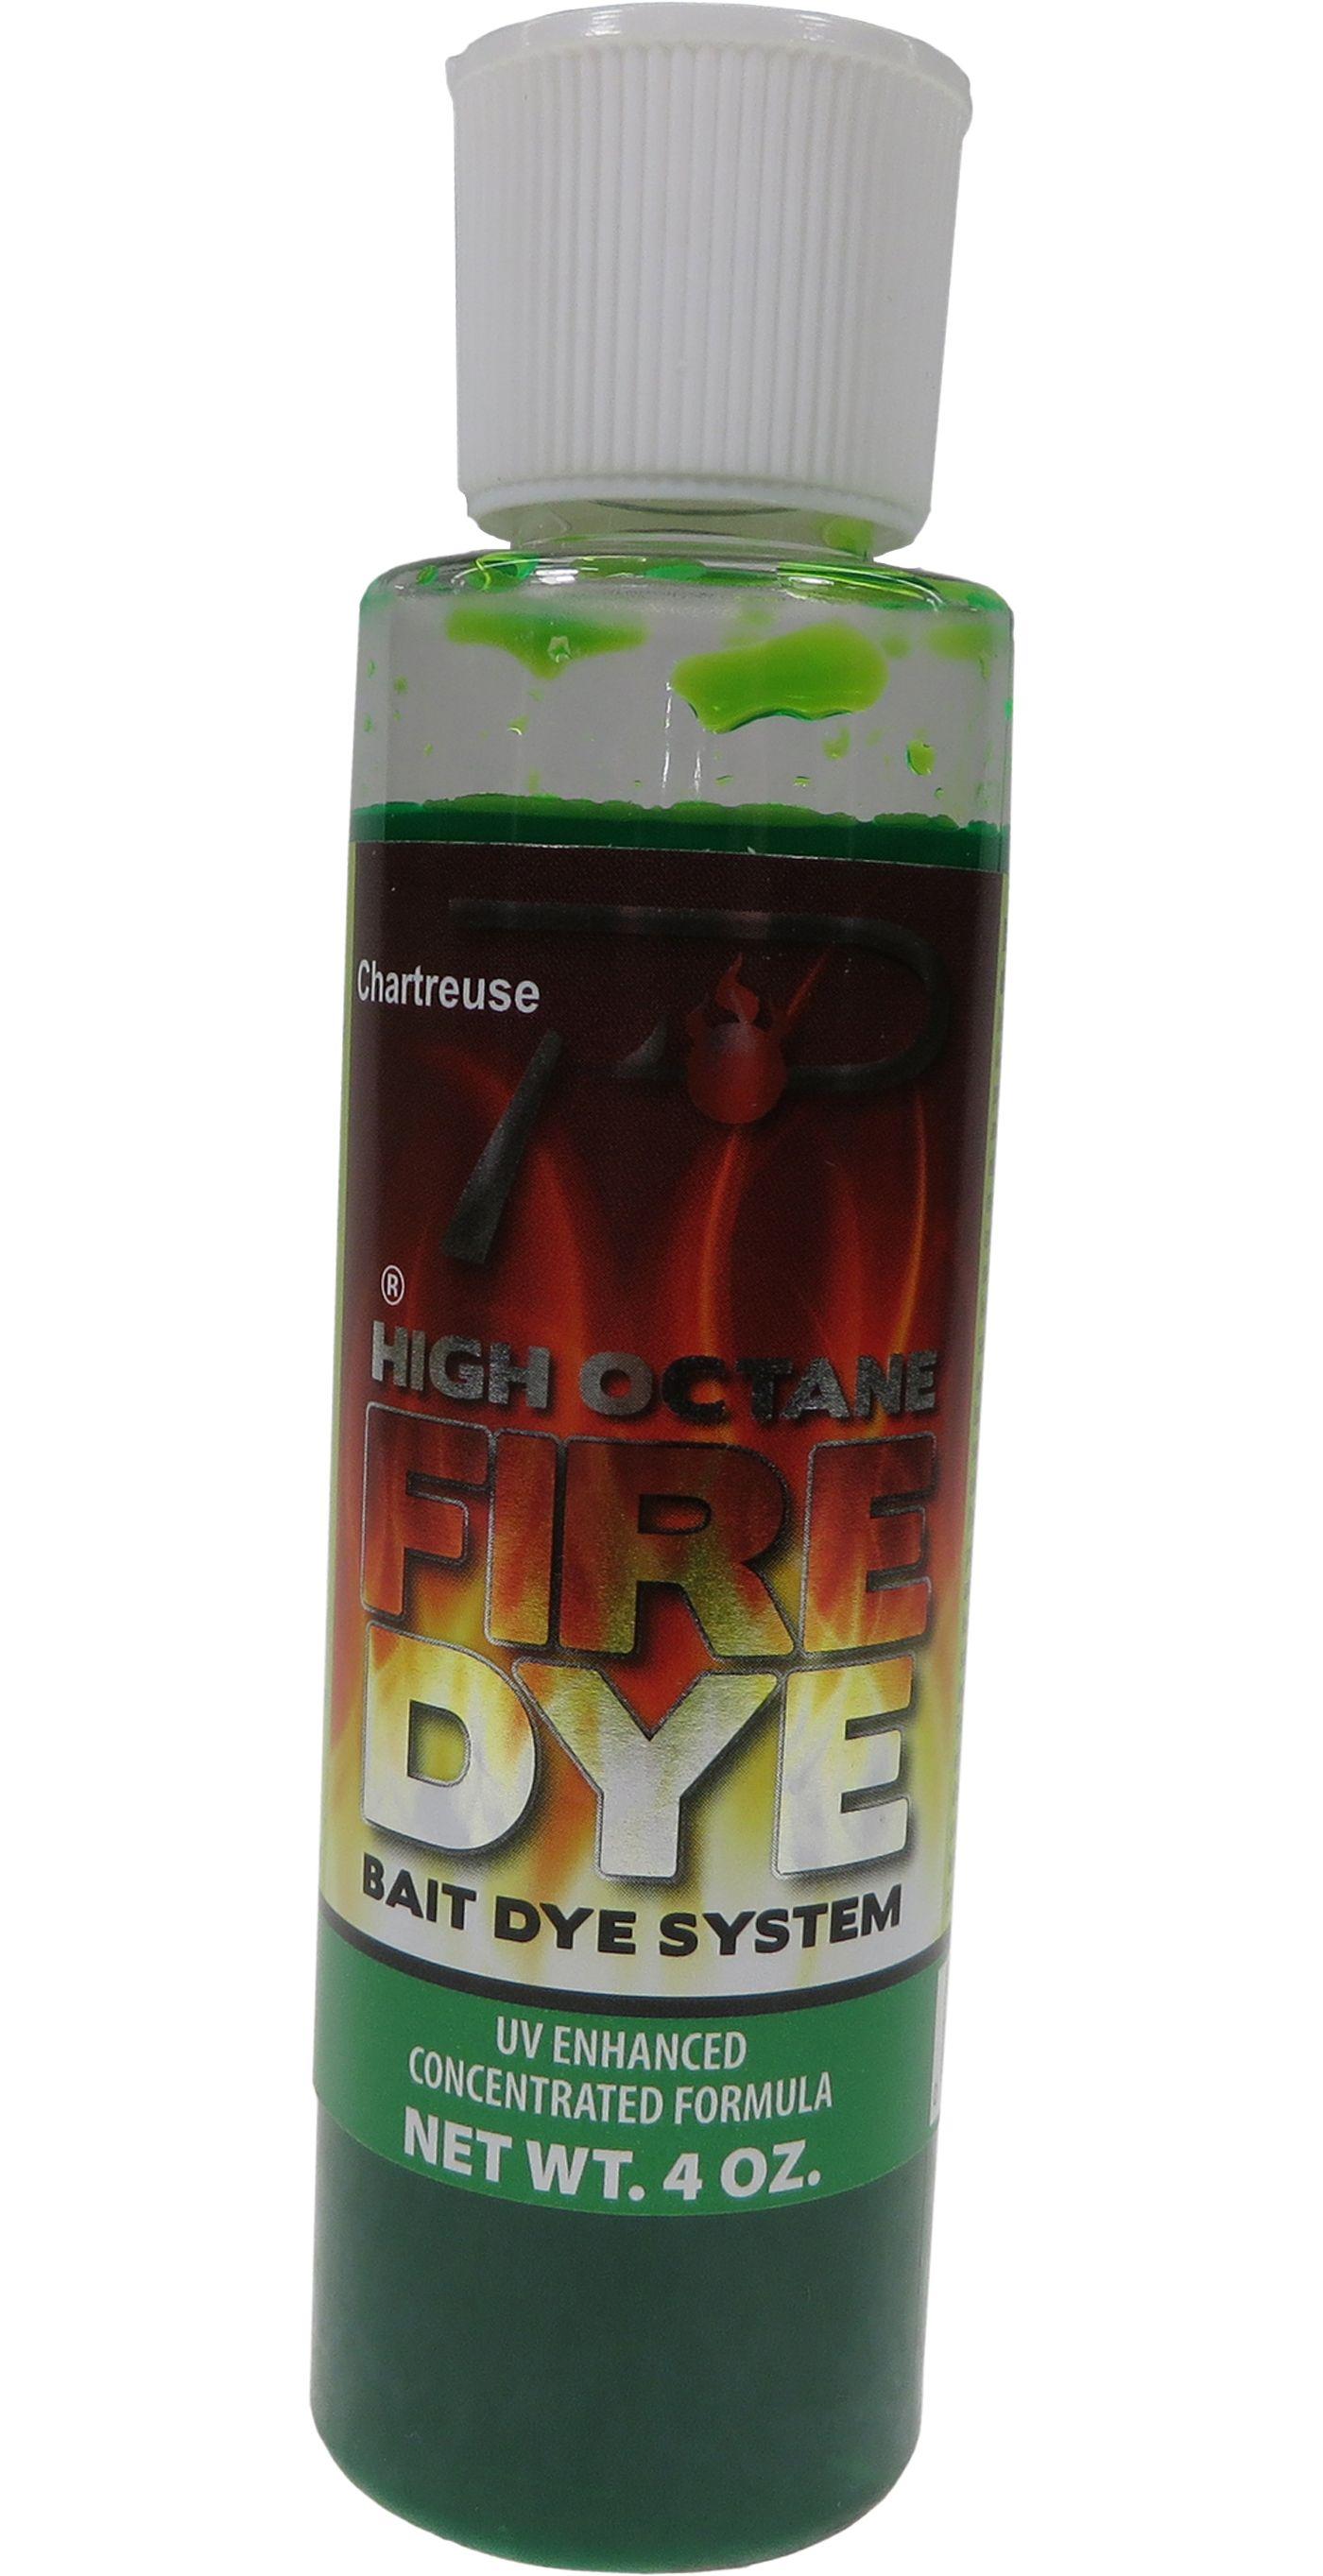 Pautzke Fire Dye Bait Dye